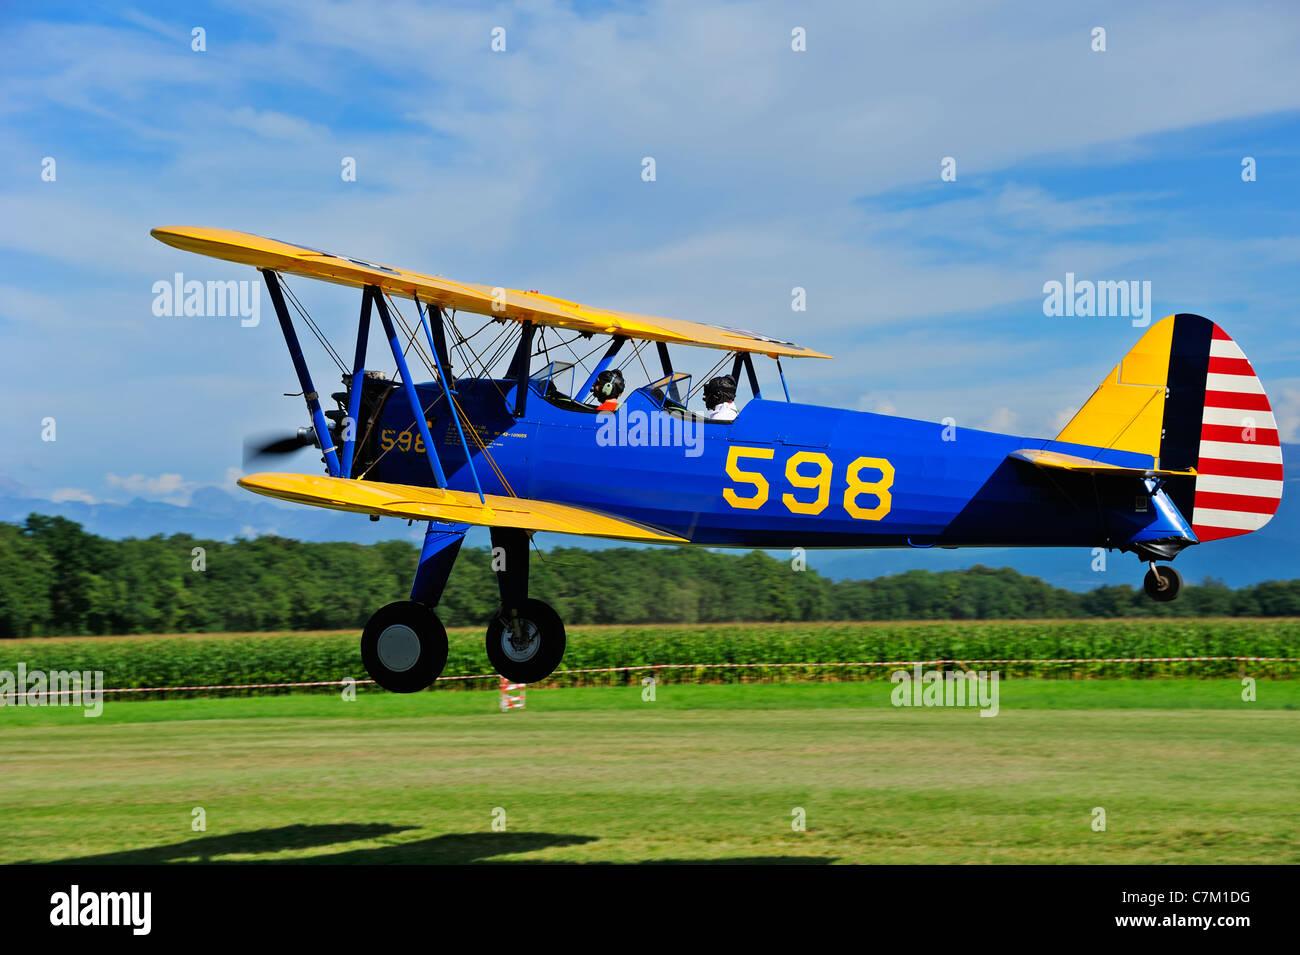 Un Stearman Kaydet N2s-5 atterraggio biplanare Immagini Stock